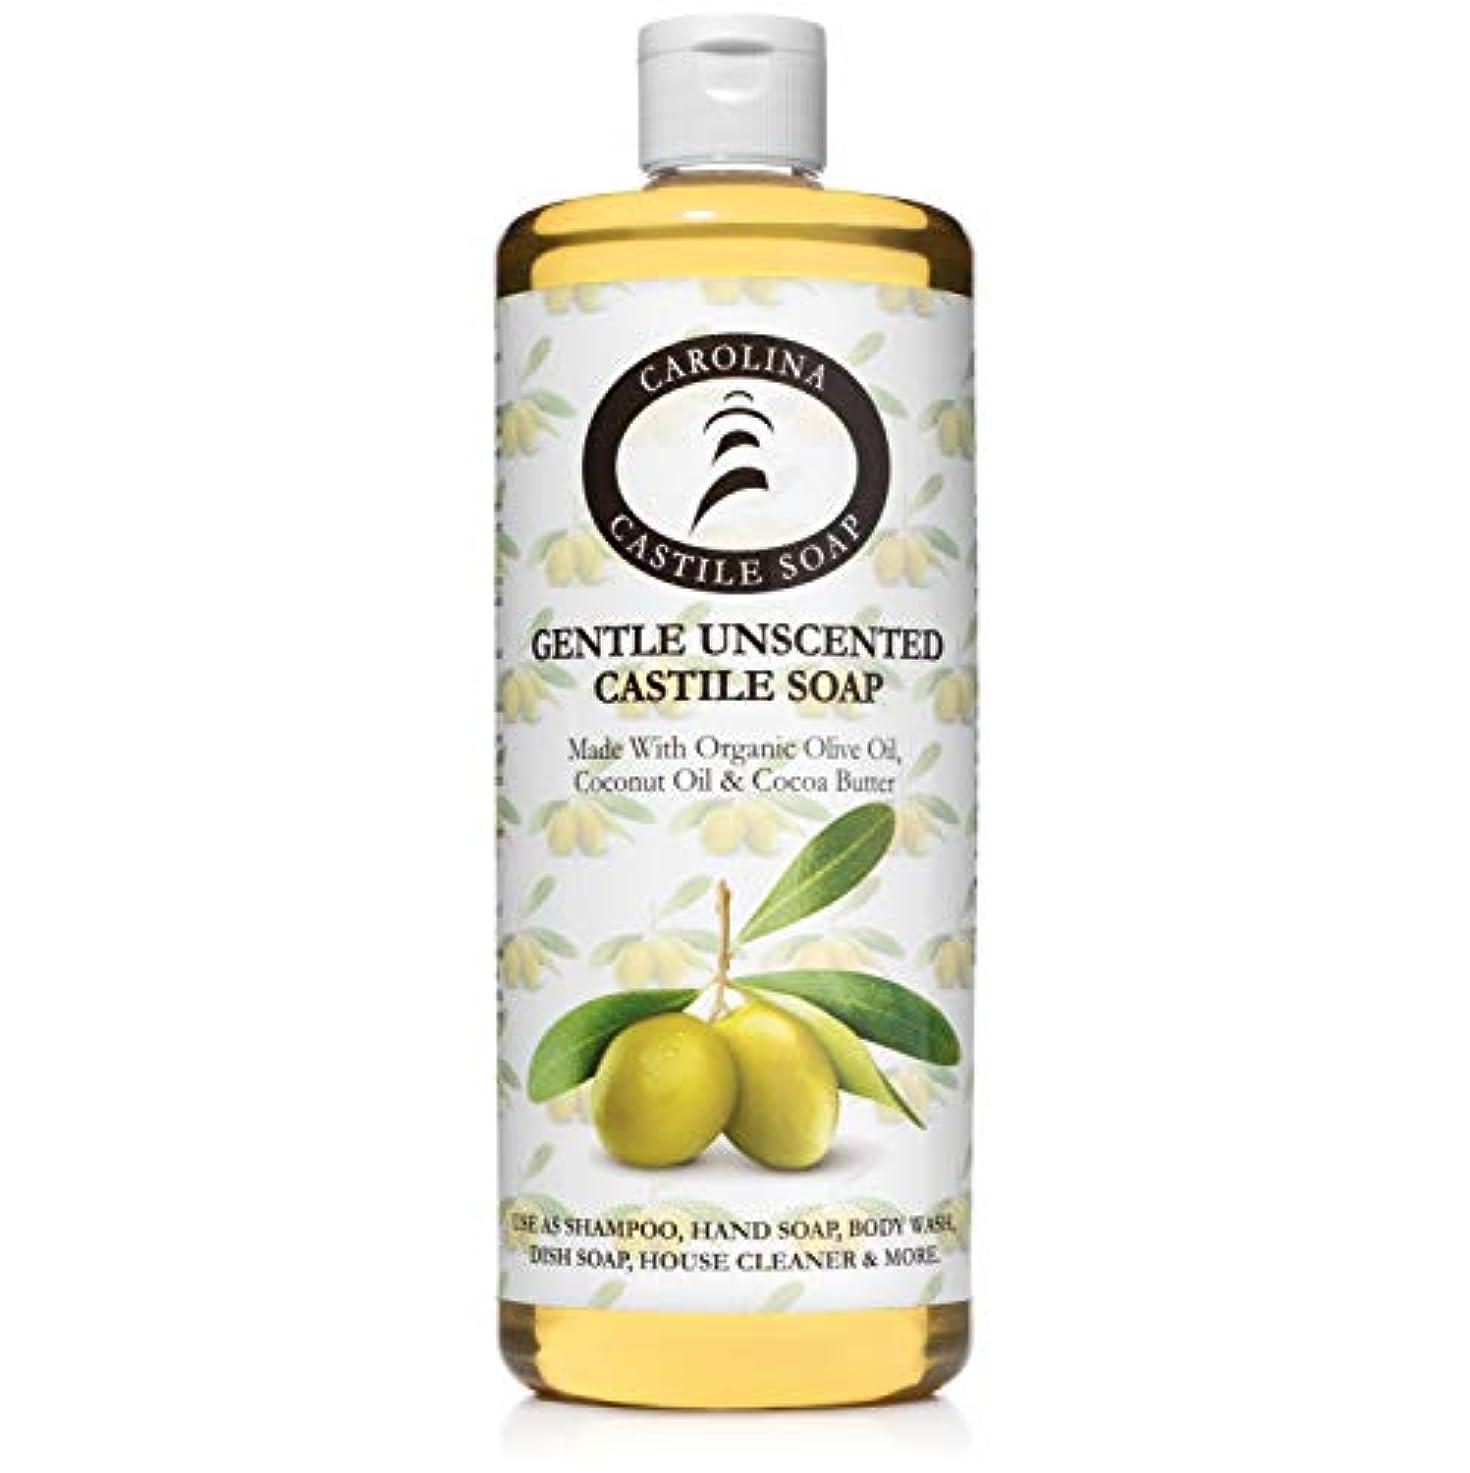 じゃないピービッシュ言語学Carolina Castile Soap ジェントル無香料認定オーガニック 32オズ